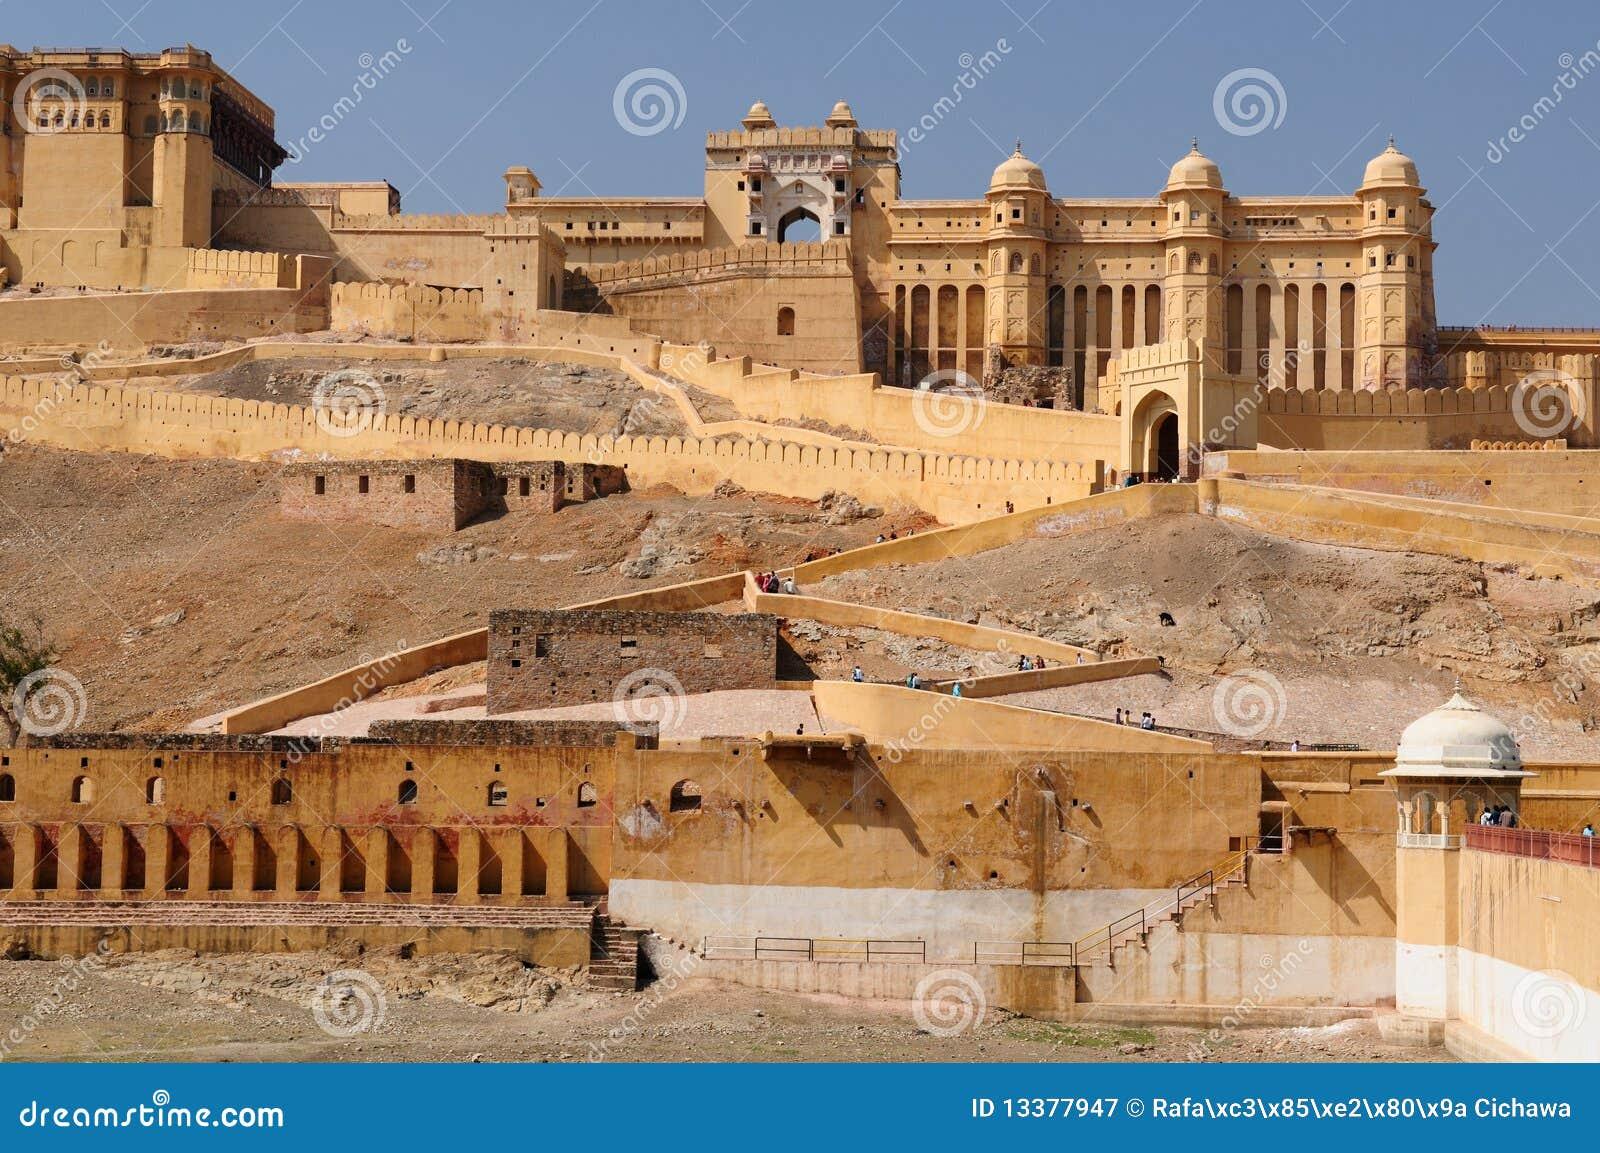 India, Jaipur, AmberFort